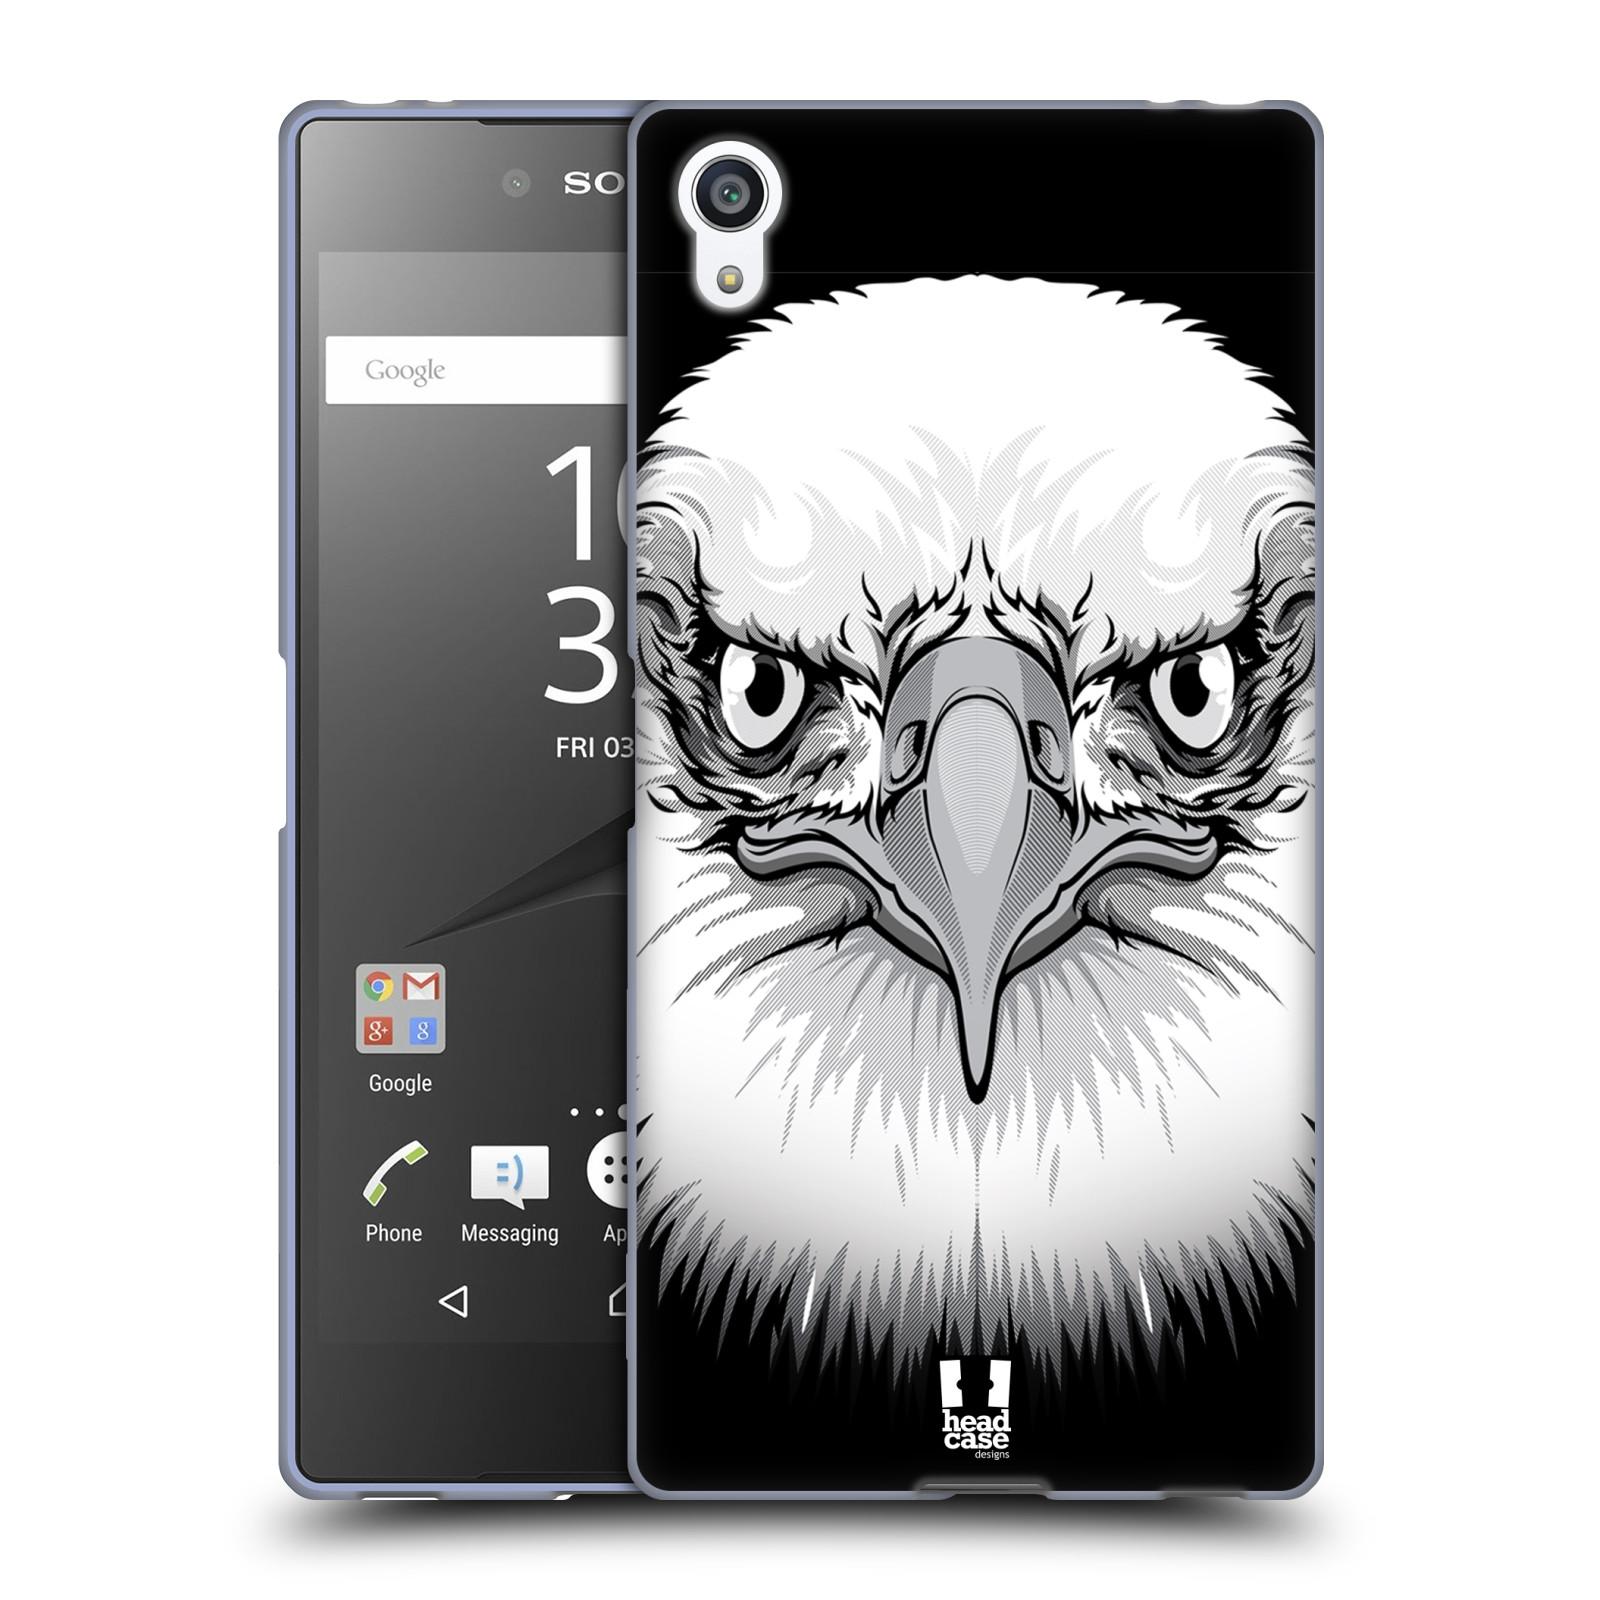 Silikonové pouzdro na mobil Sony Xperia Z5 Premium HEAD CASE ILUSTROVANÝ OREL